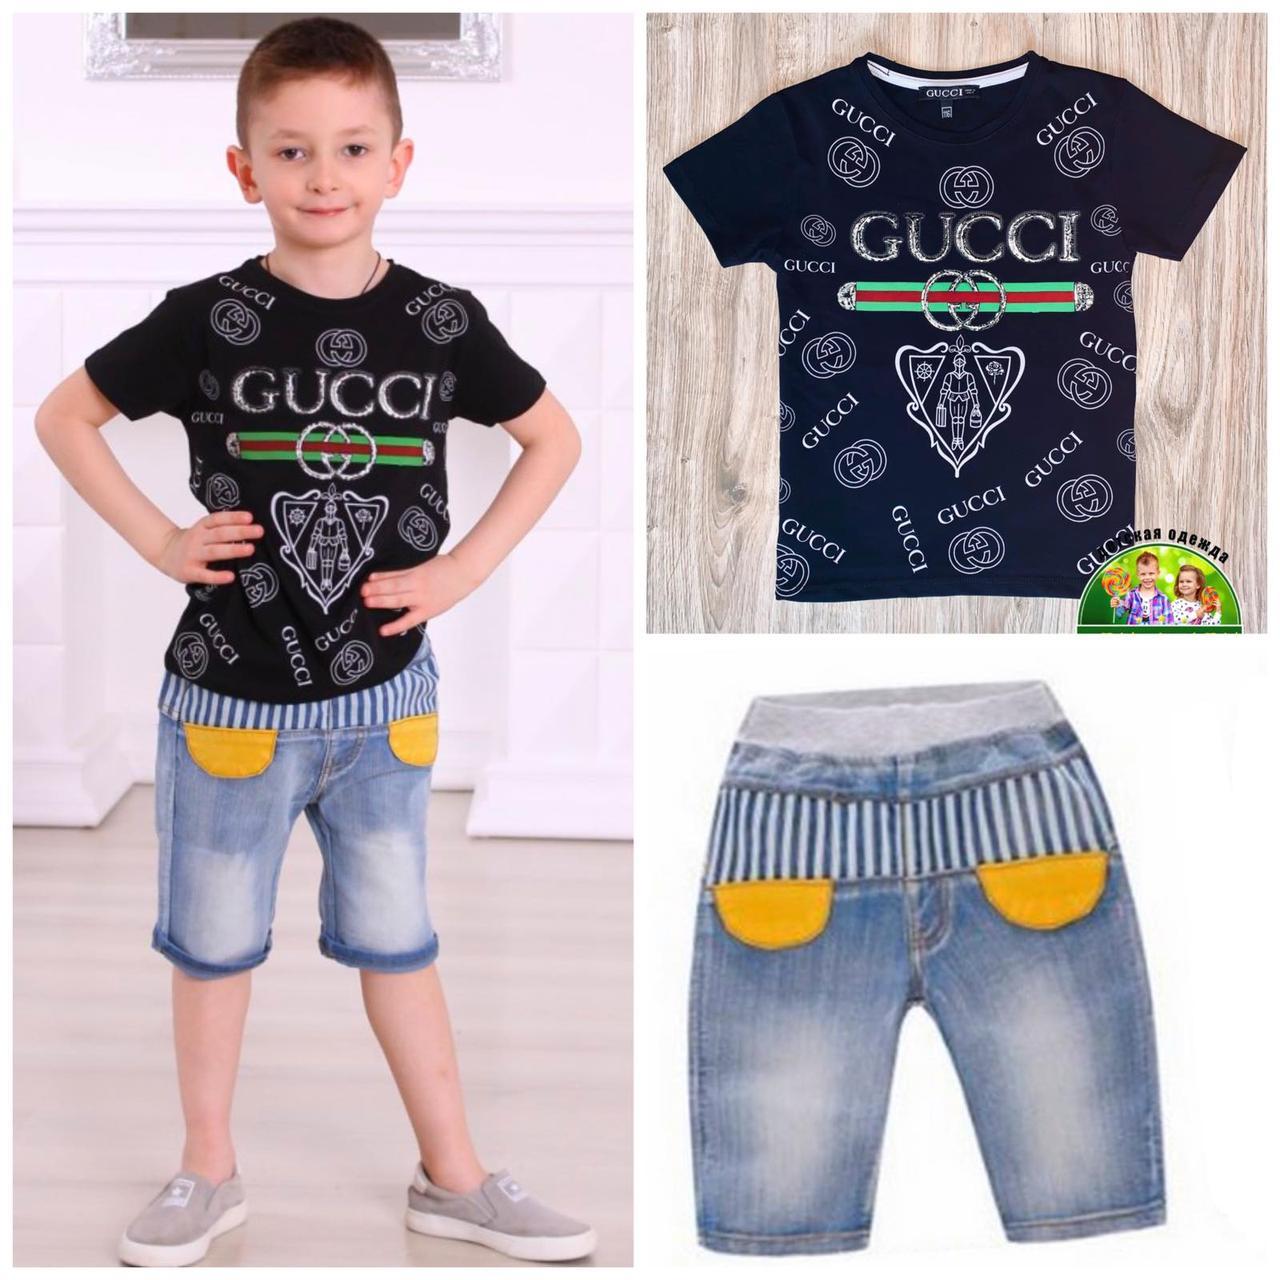 Стильные летние костюмы Gucci для мальчика